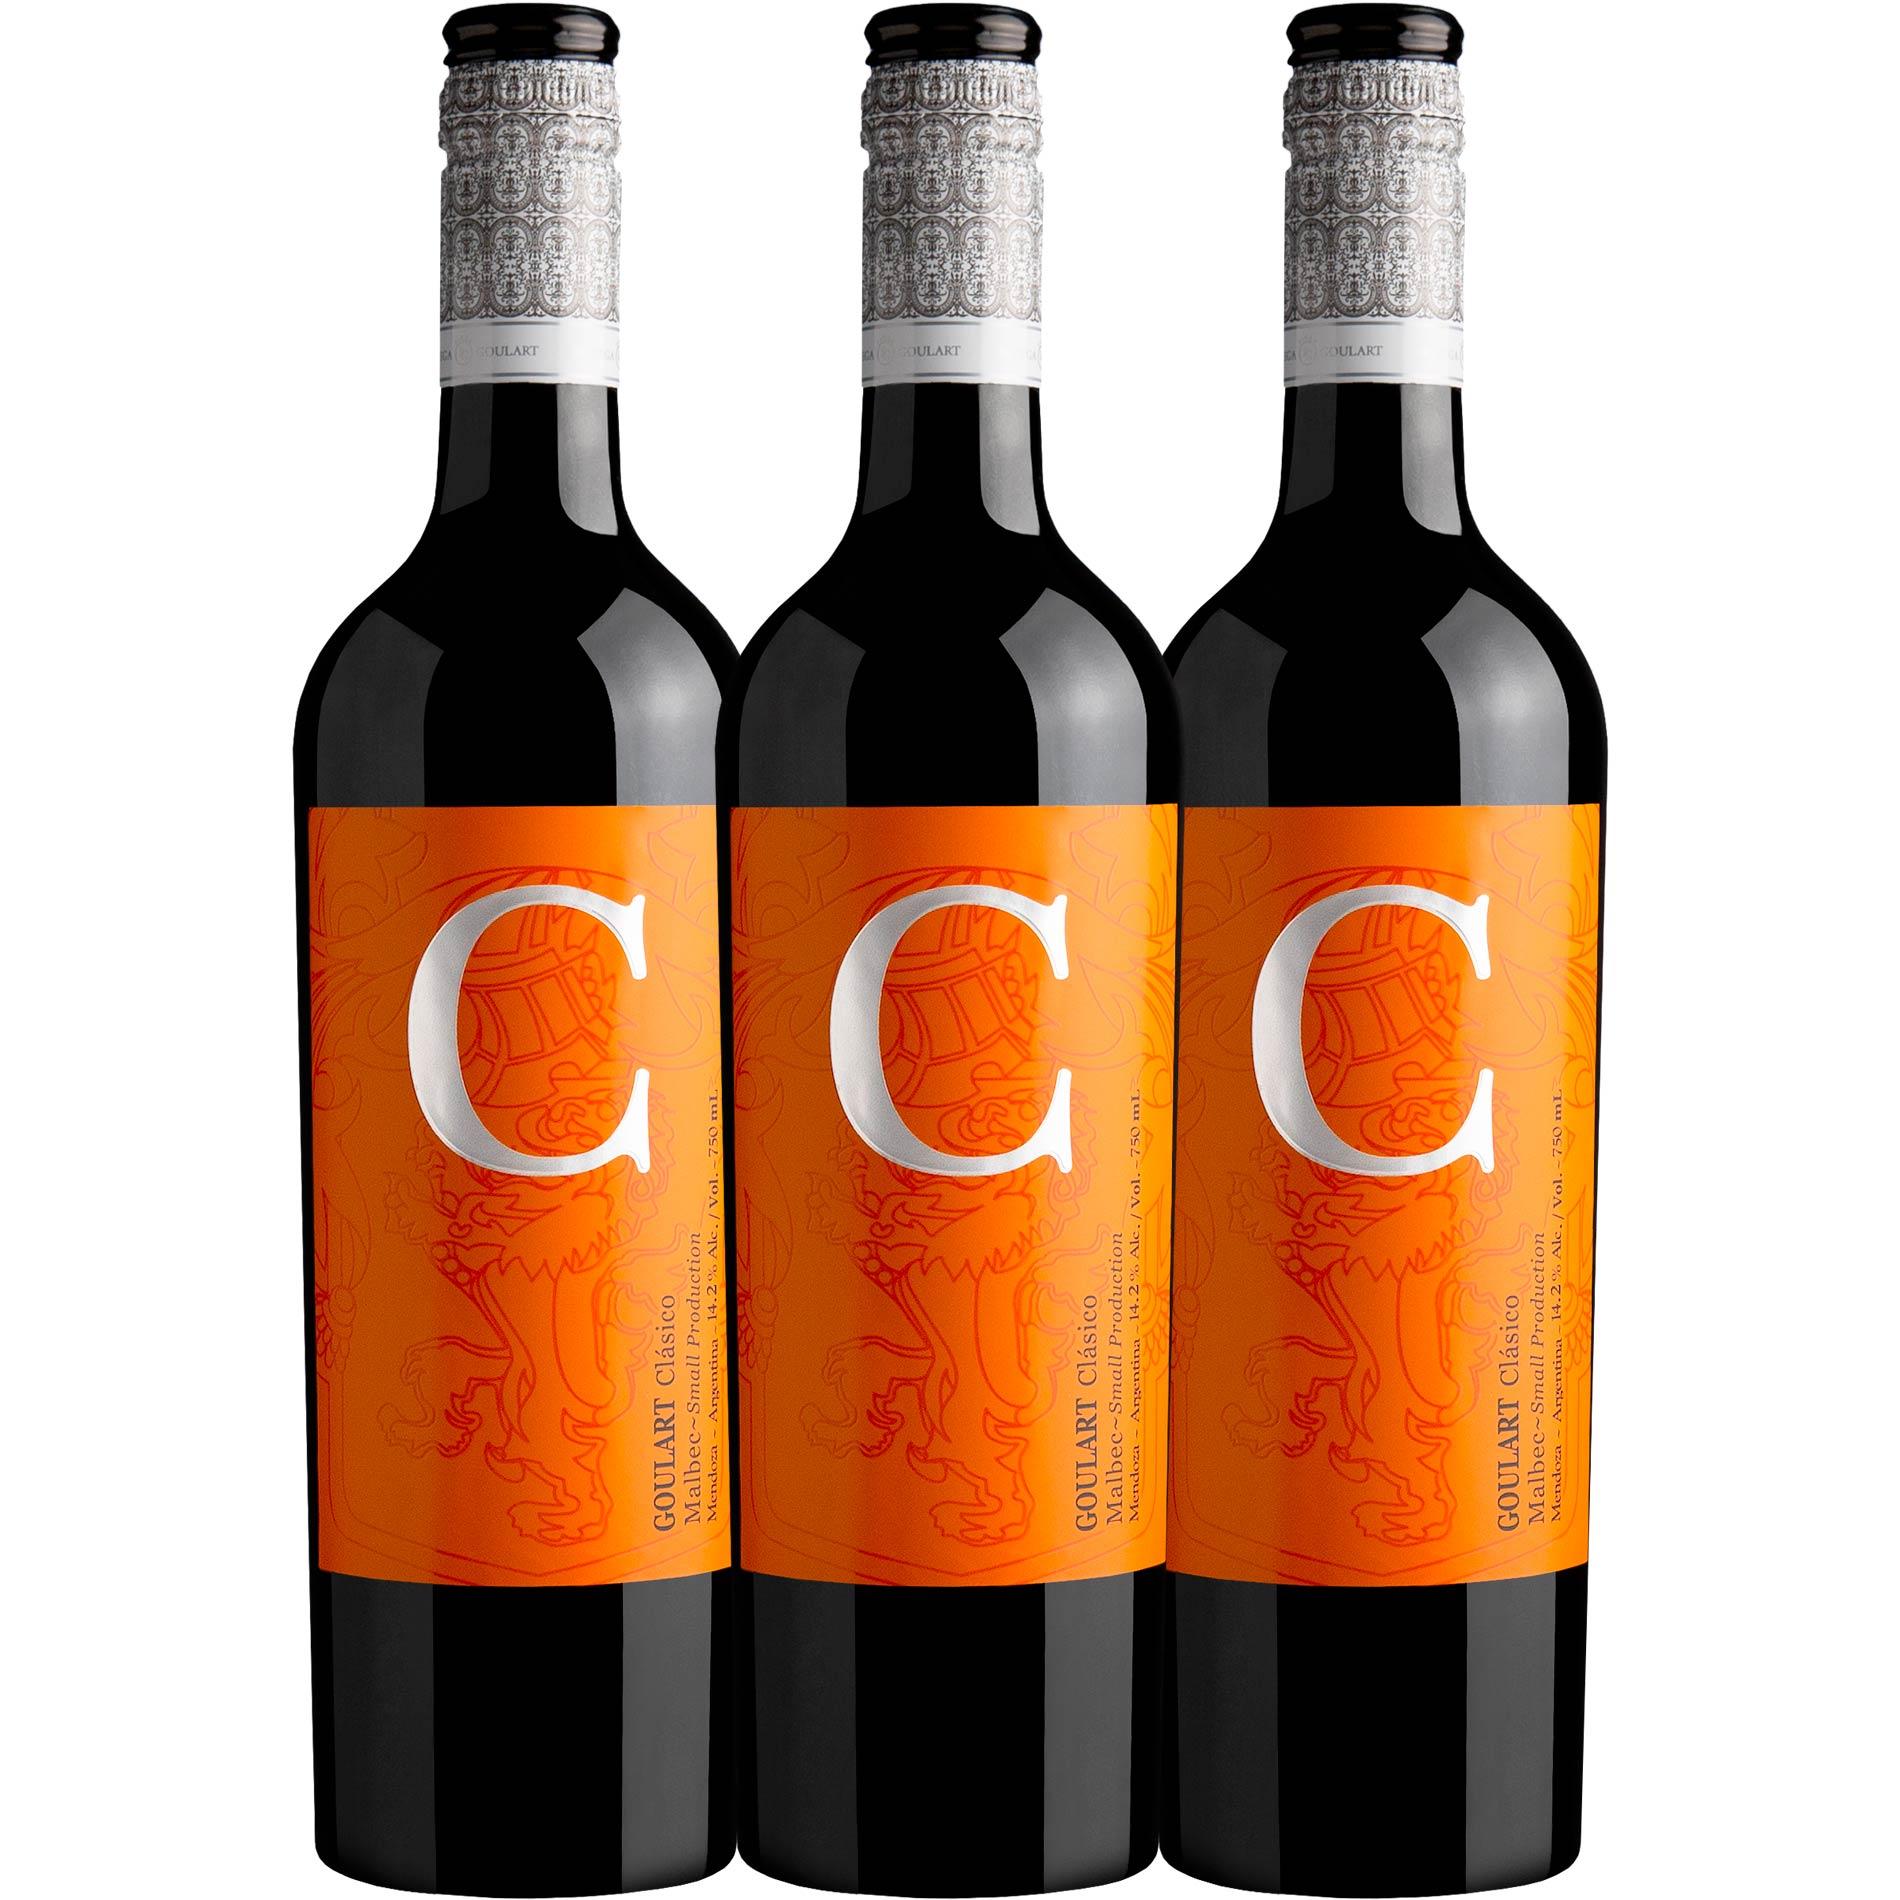 Kit 3 garrafas - C Clásico 2020